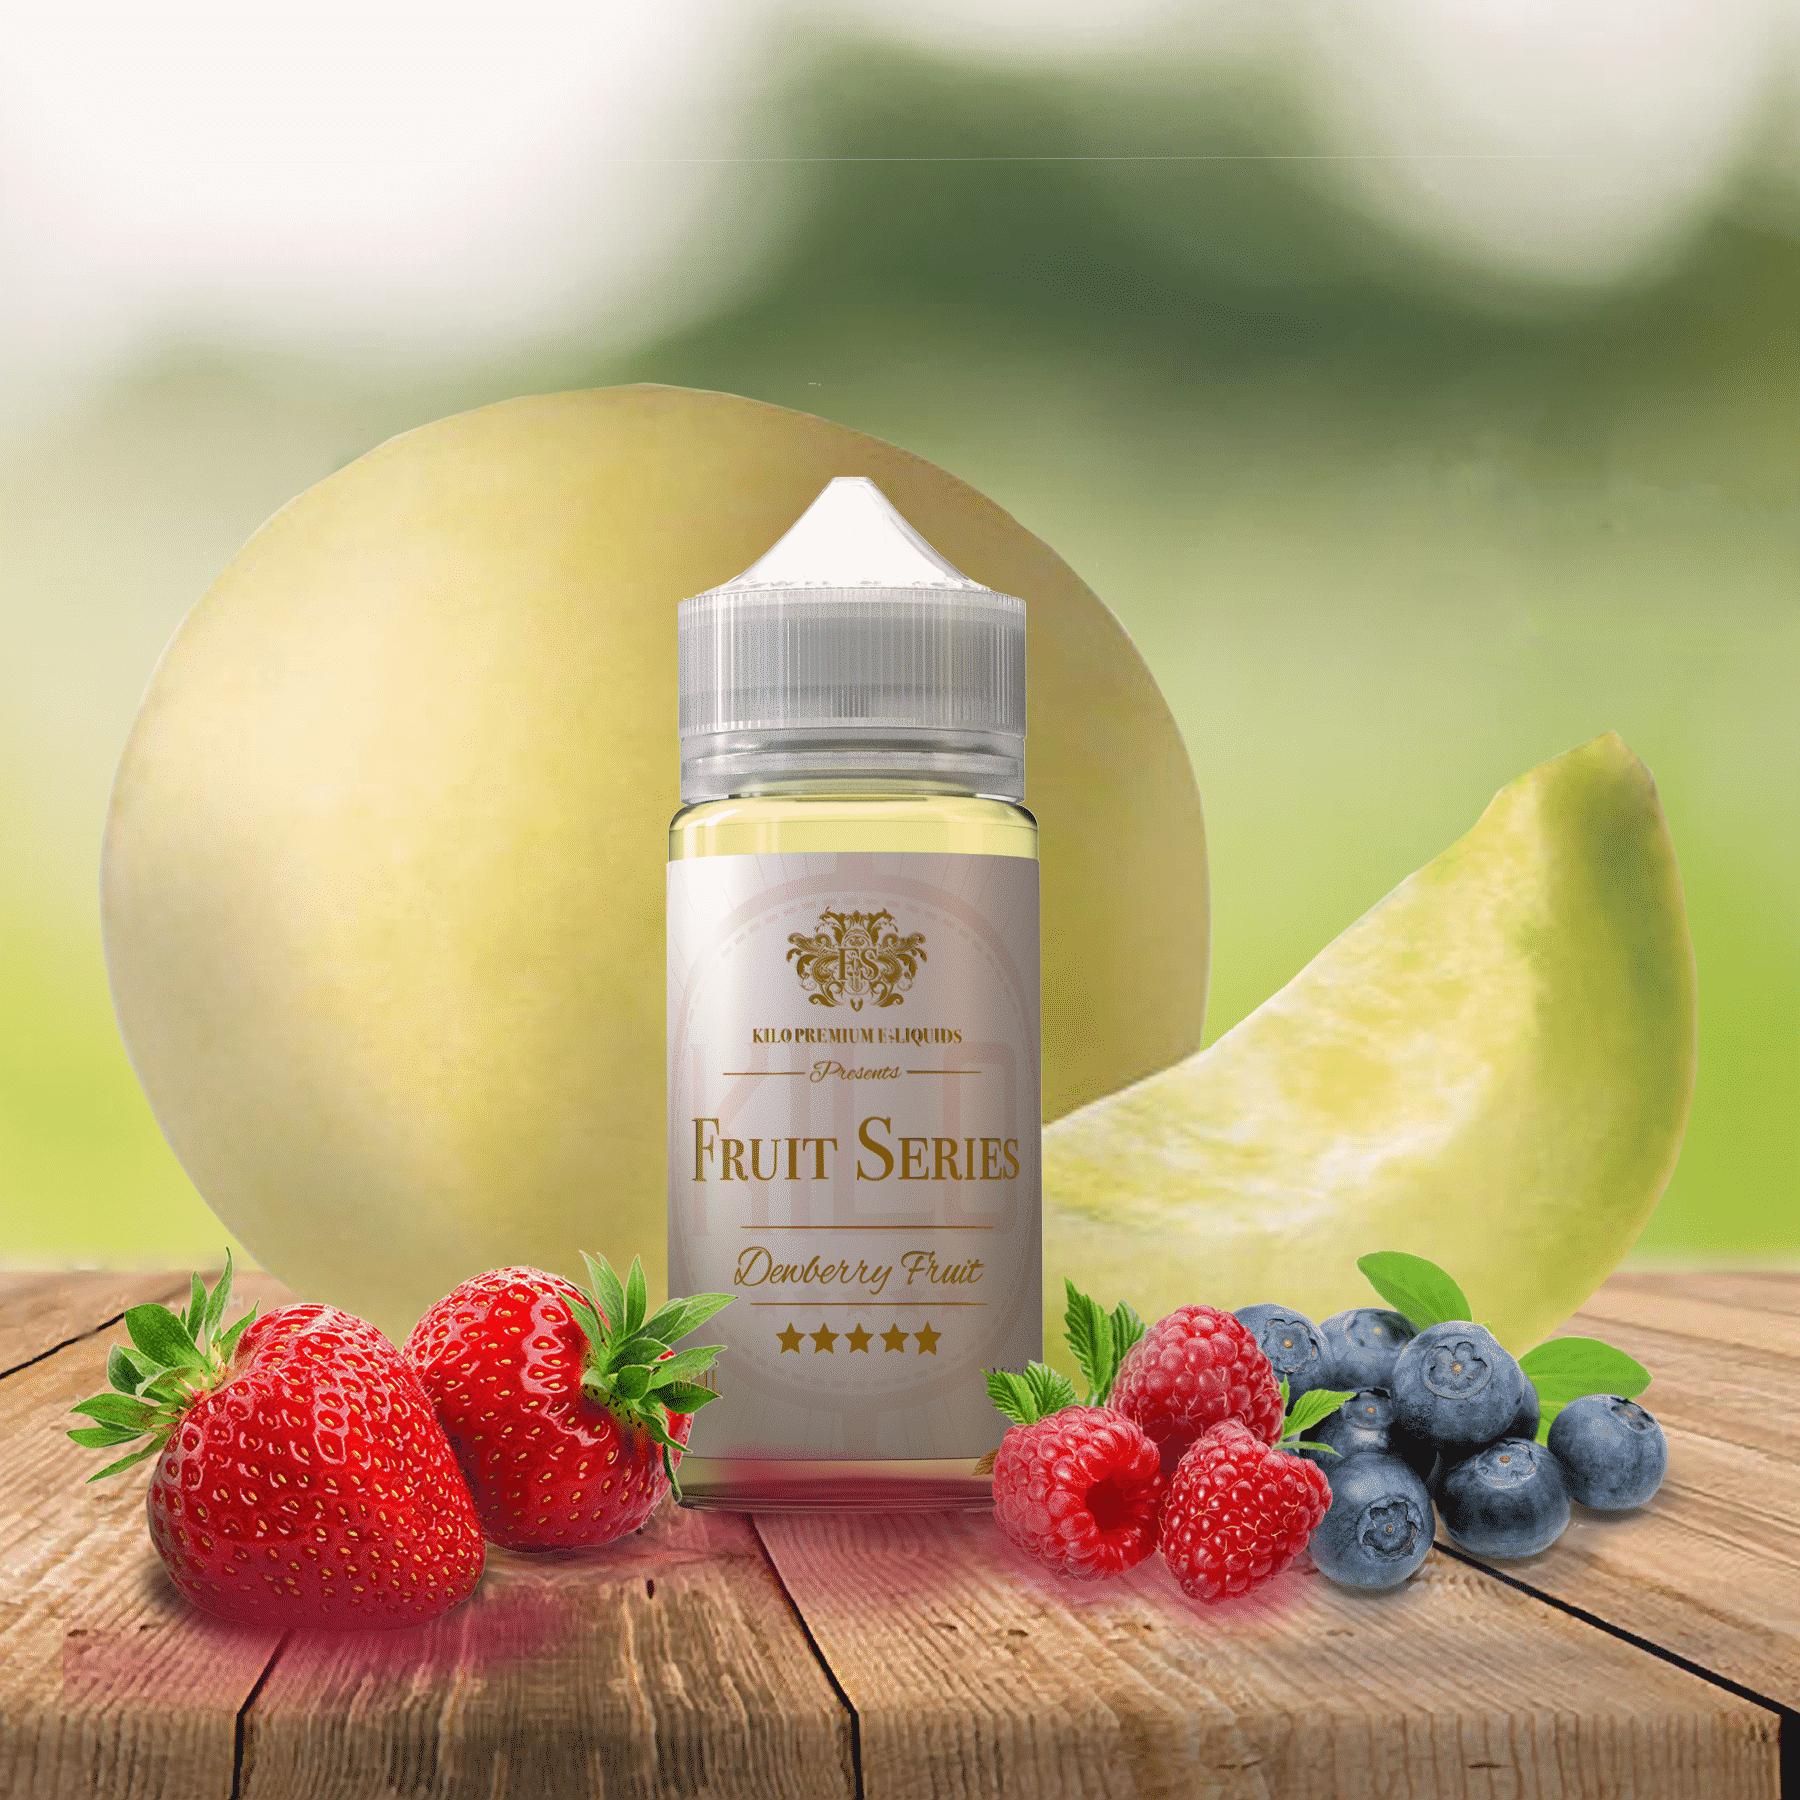 Dewberry Fruit By Kilo 100ml